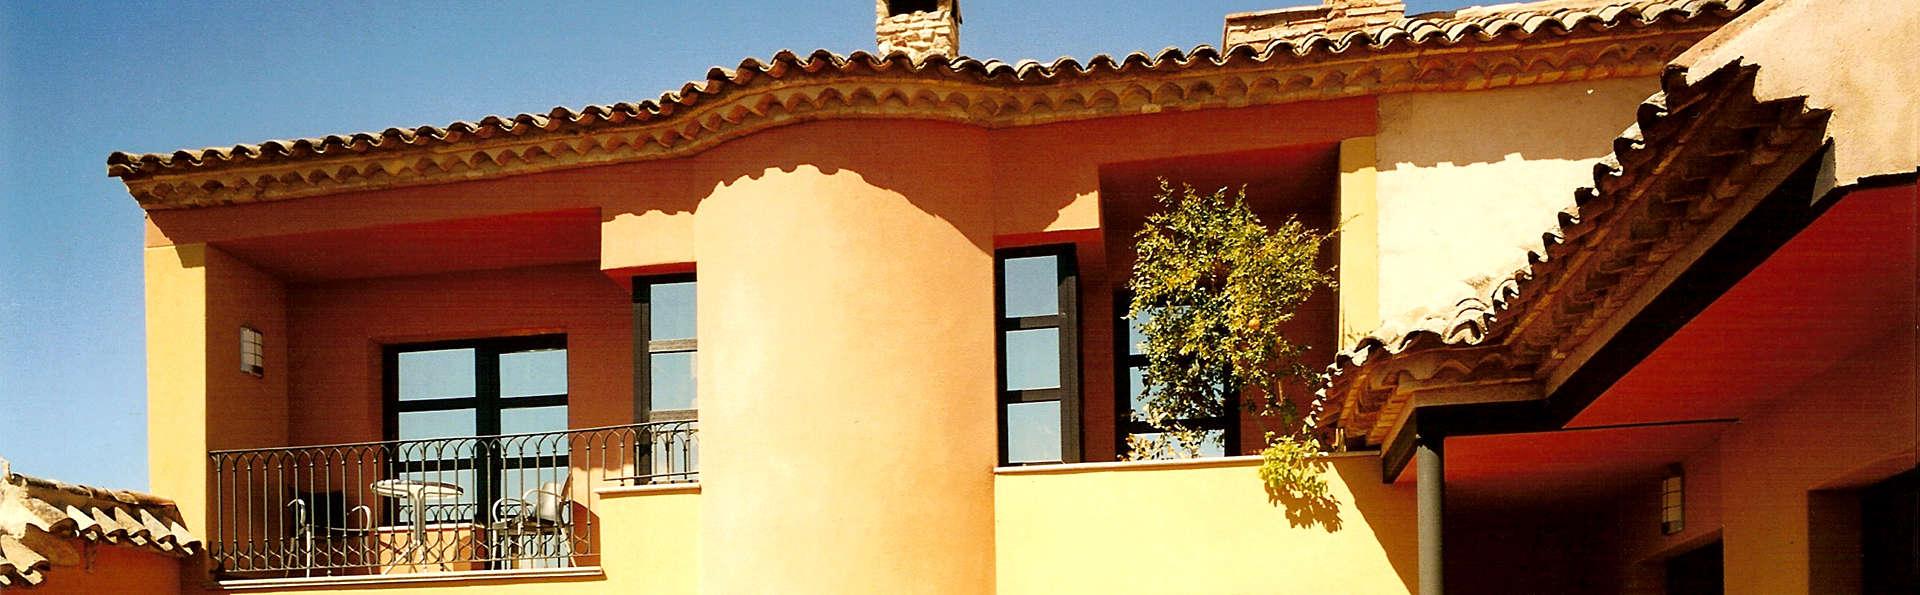 Hotel spa la casa del rector 4 almagro espa a - Hotel la casa del rector en almagro ...